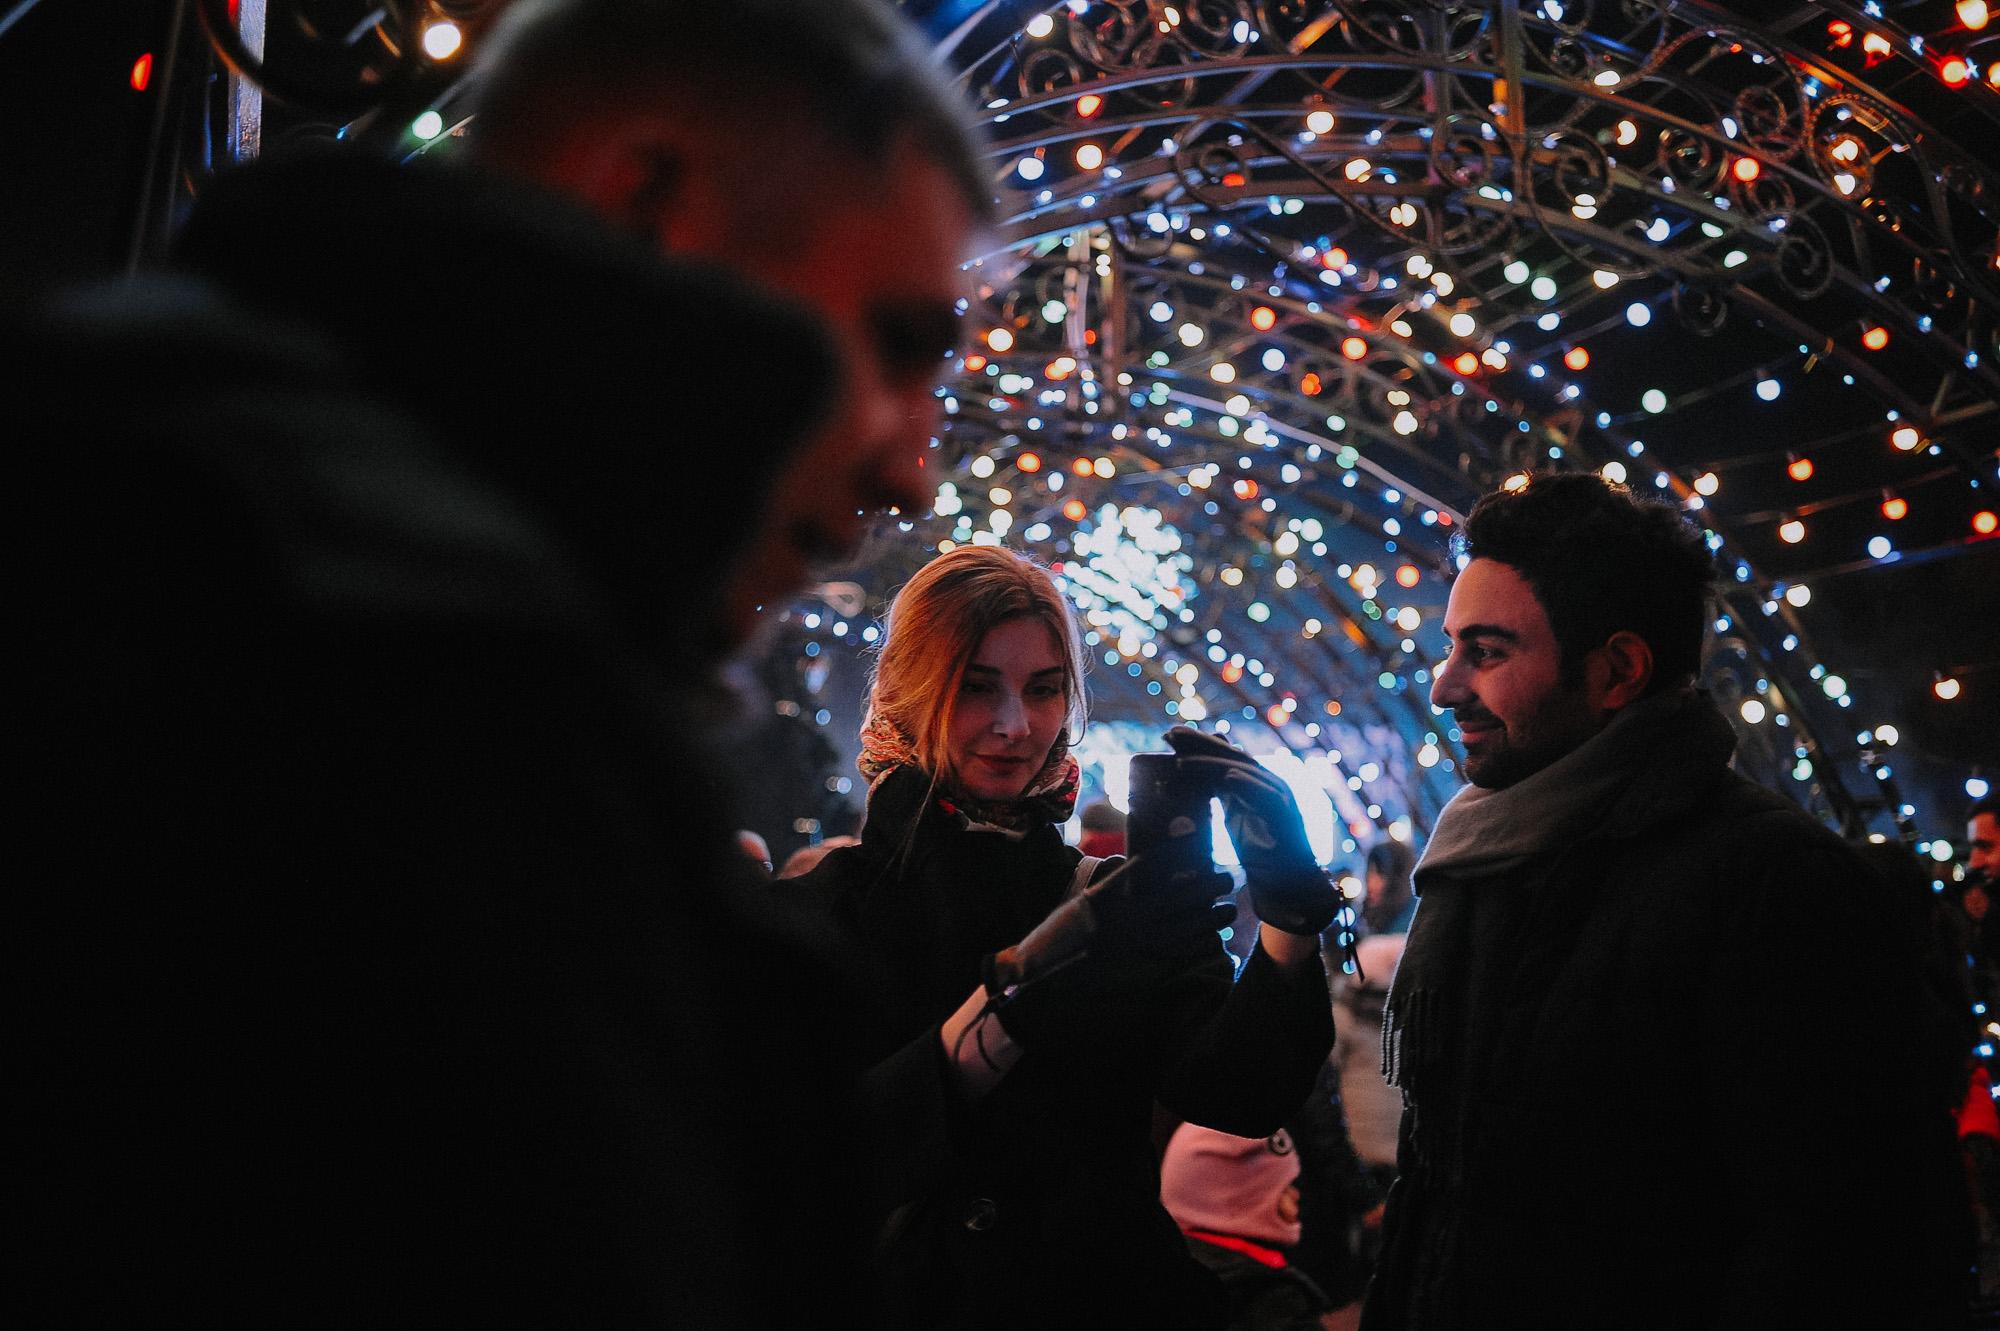 ZZZ 6794 В Астрахани на площади Ленина зажгли новогоднюю елку: кадры торжества